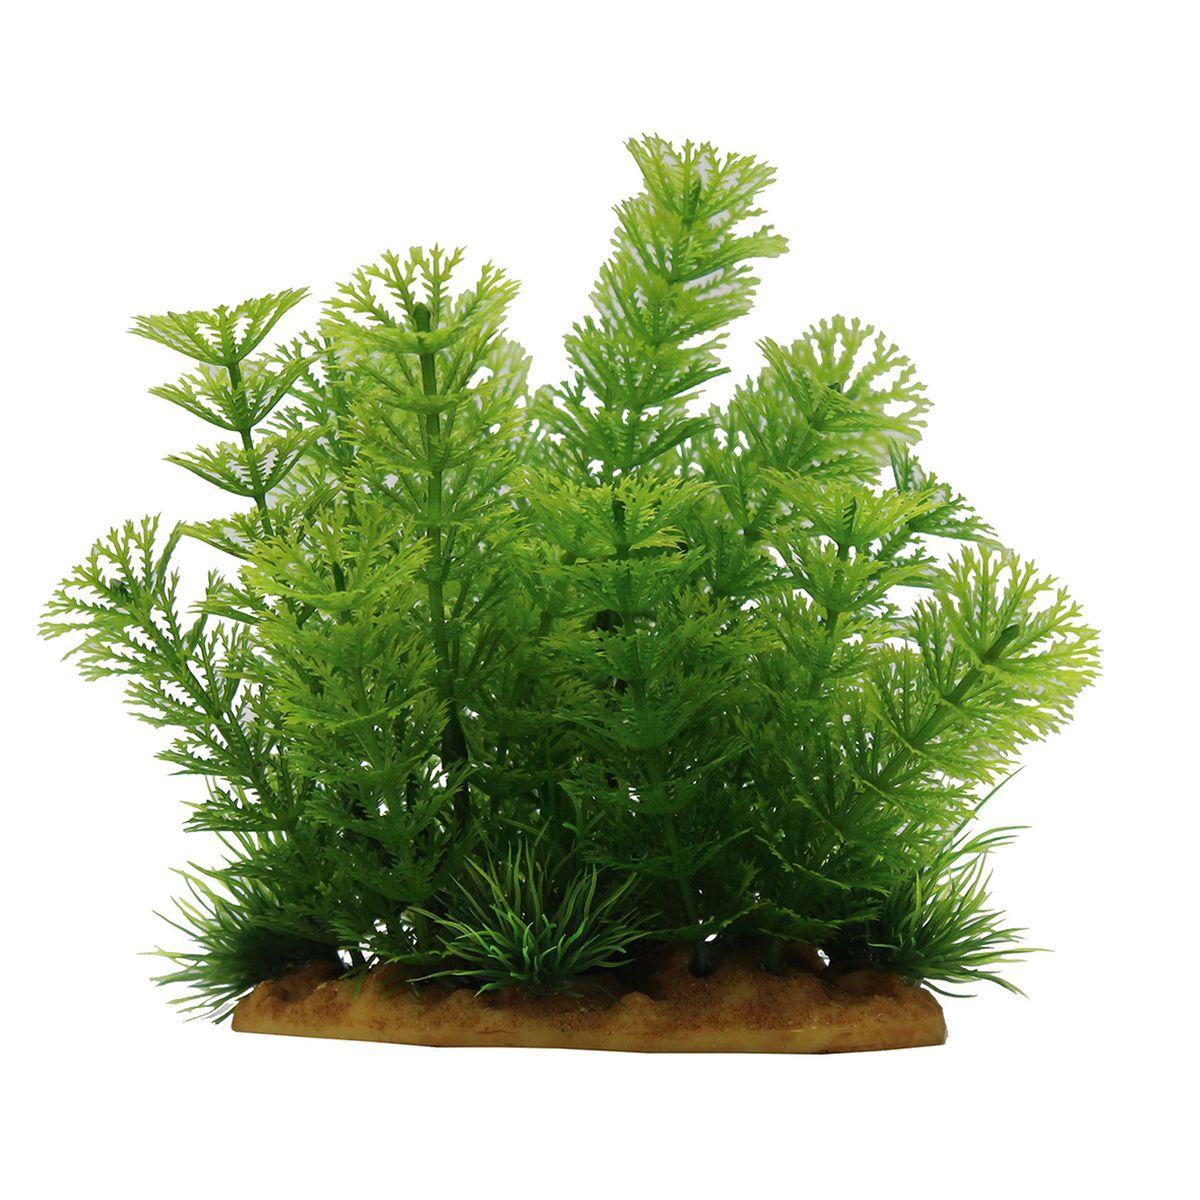 Растение для аквариума ArtUniq Кабомба, высота 15 смART-1160111Композиция из искусственных растений ArtUniq превосходно украсит и оживит аквариум.Растения - это важная часть любой композиции, они помогут вдохнуть жизнь в ландшафт любого аквариума или террариума. А их сходствос природными порадует даже самых взыскательных ценителей.